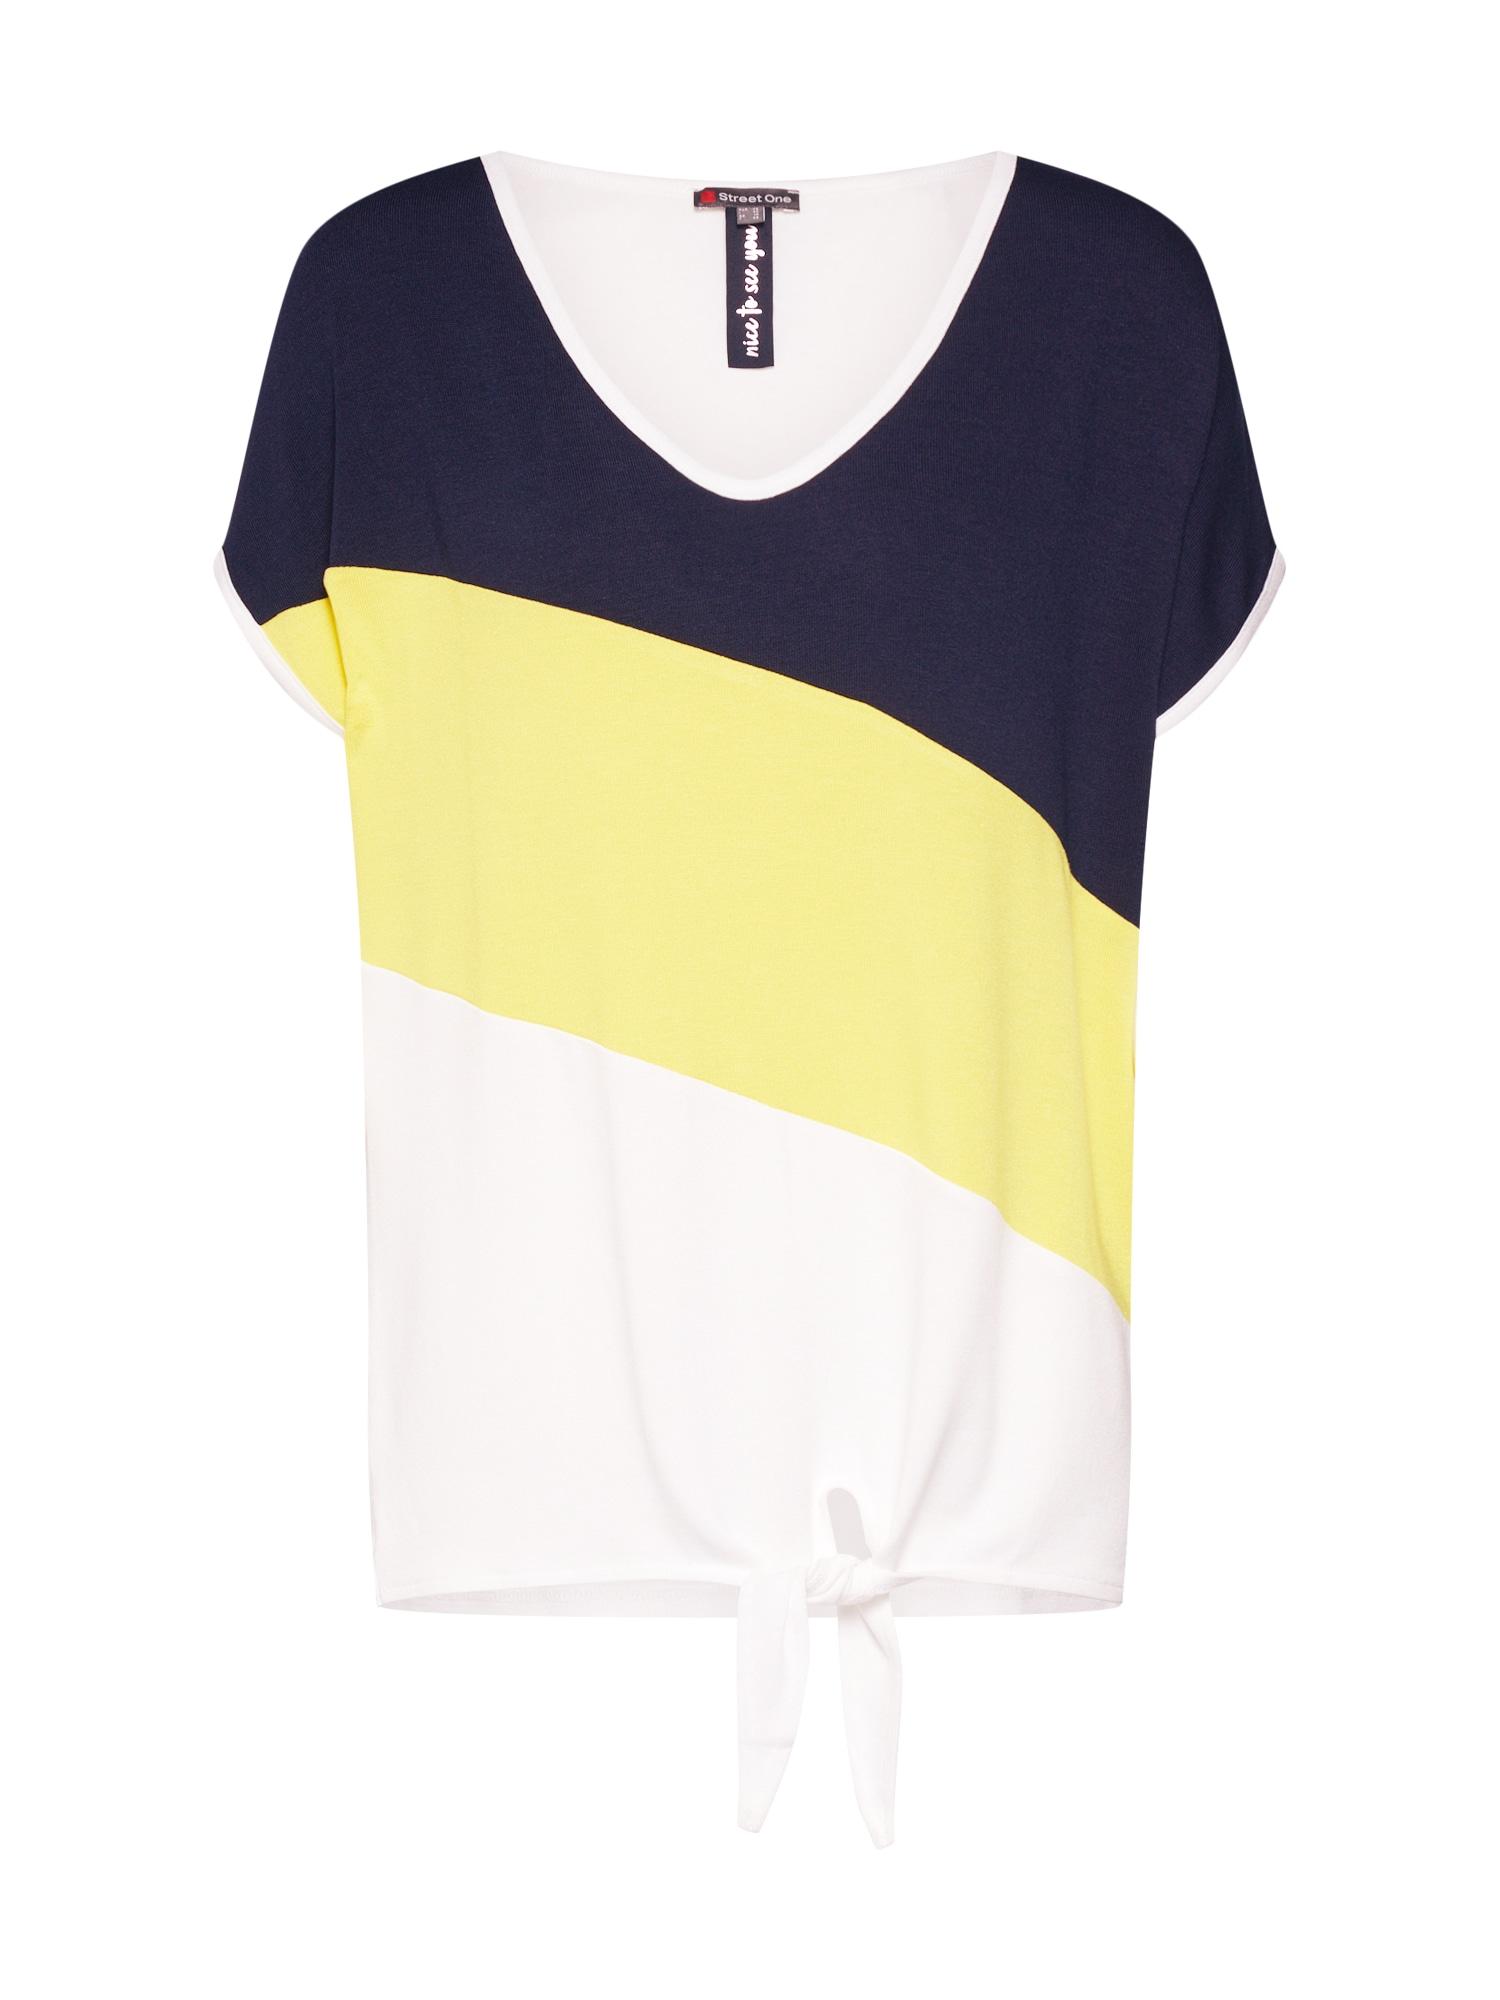 Tričko Ramona žlutá černá offwhite STREET ONE